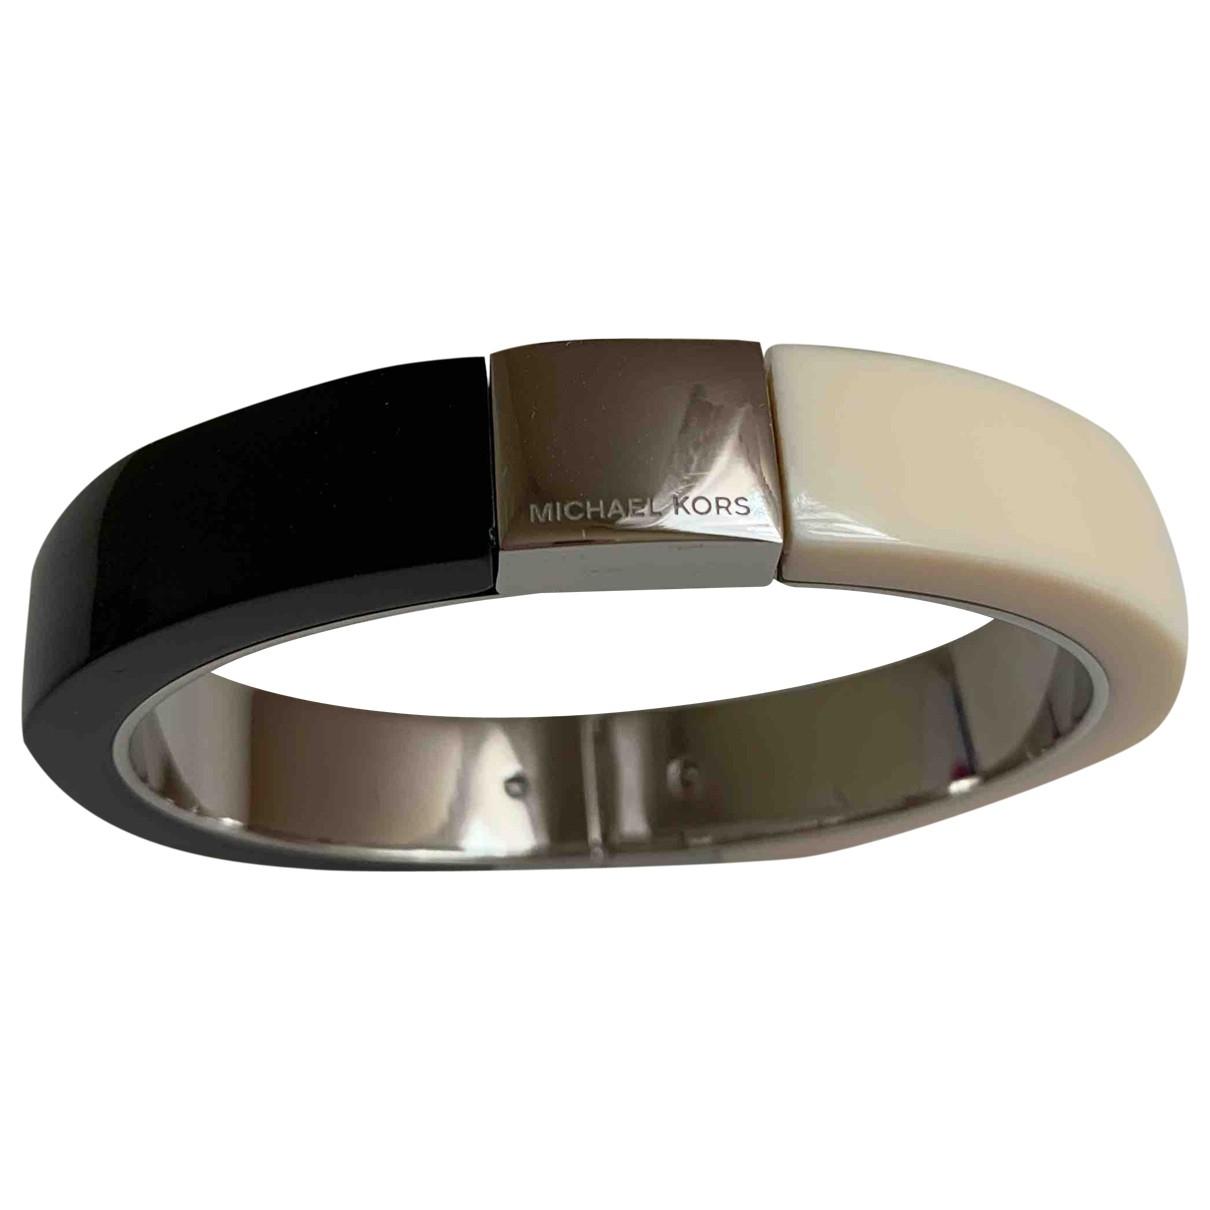 Michael Kors - Bracelet   pour femme - multicolore